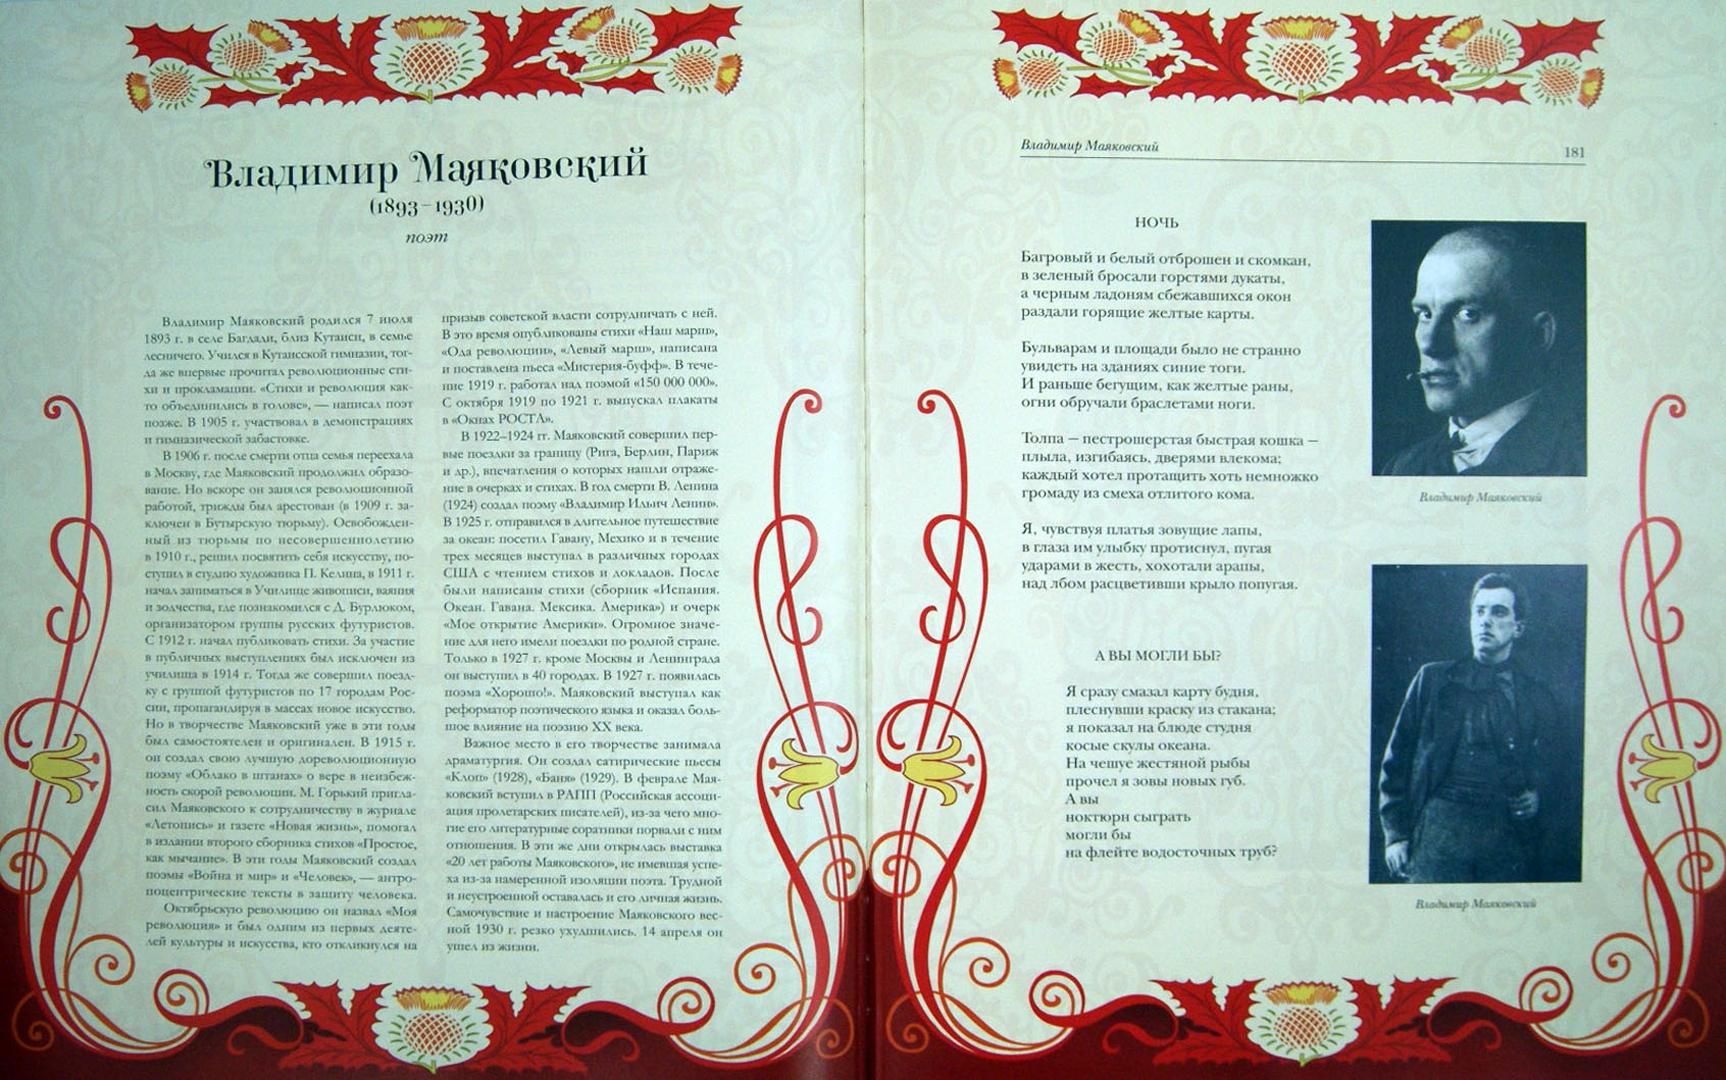 Иллюстрация 1 из 8 для Серебряный век русской поэзии (кожа) - Гумилев, Ахматова, Мариенгоф   Лабиринт - книги. Источник: Лабиринт